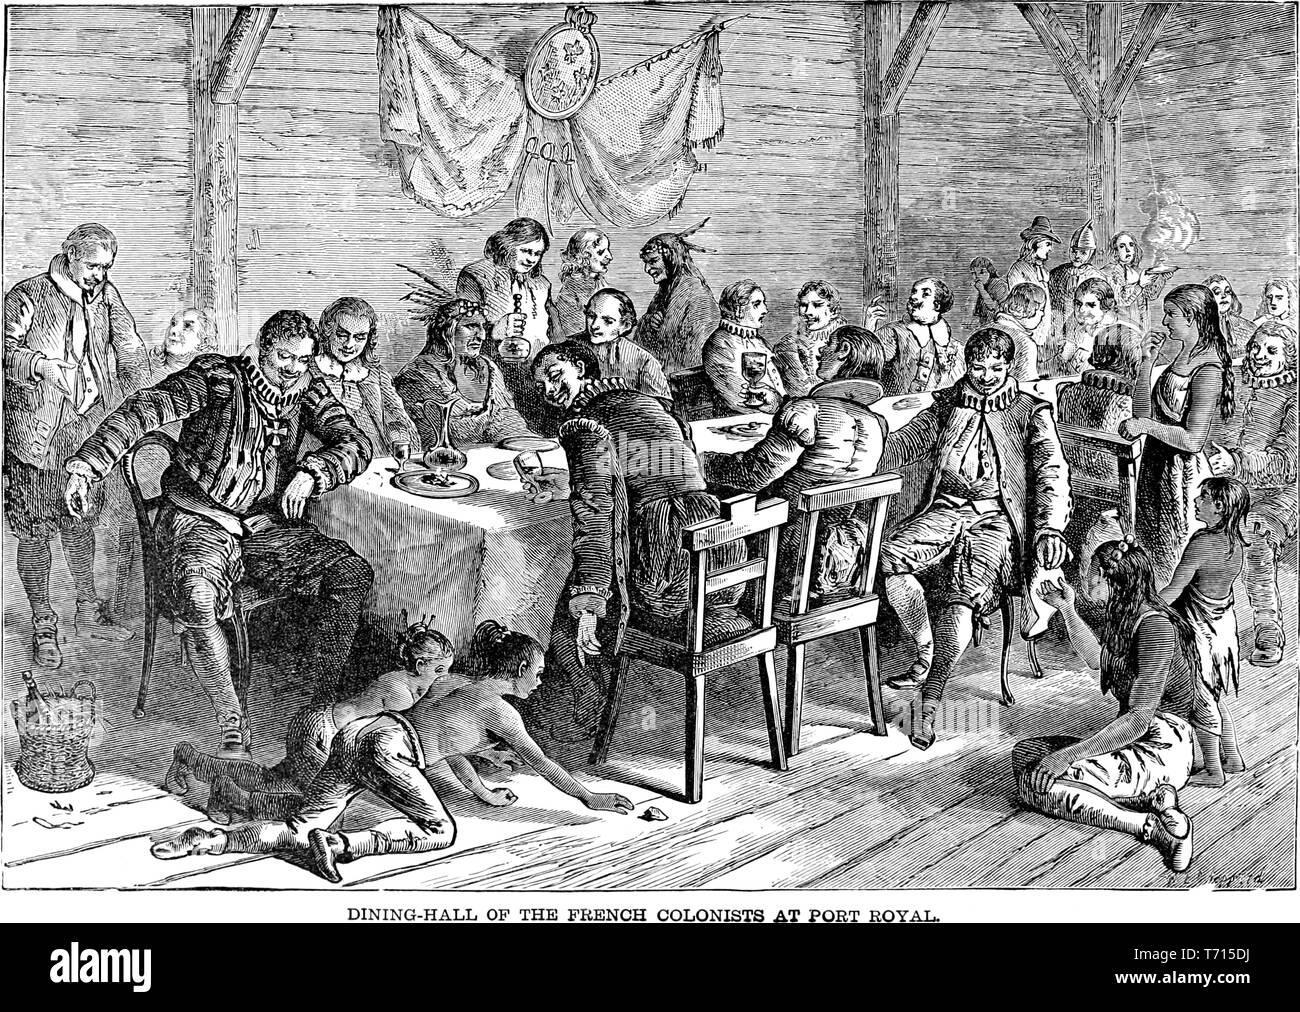 """Grabado en el comedor de los colonos franceses en Port Royal, Jamaica, del libro """"una historia popular de los Estados Unidos de América, desde los tiempos de los aborígenes hasta la actualidad' por John Clark Ridpath, 1893. Cortesía de Internet Archive. () Imagen De Stock"""